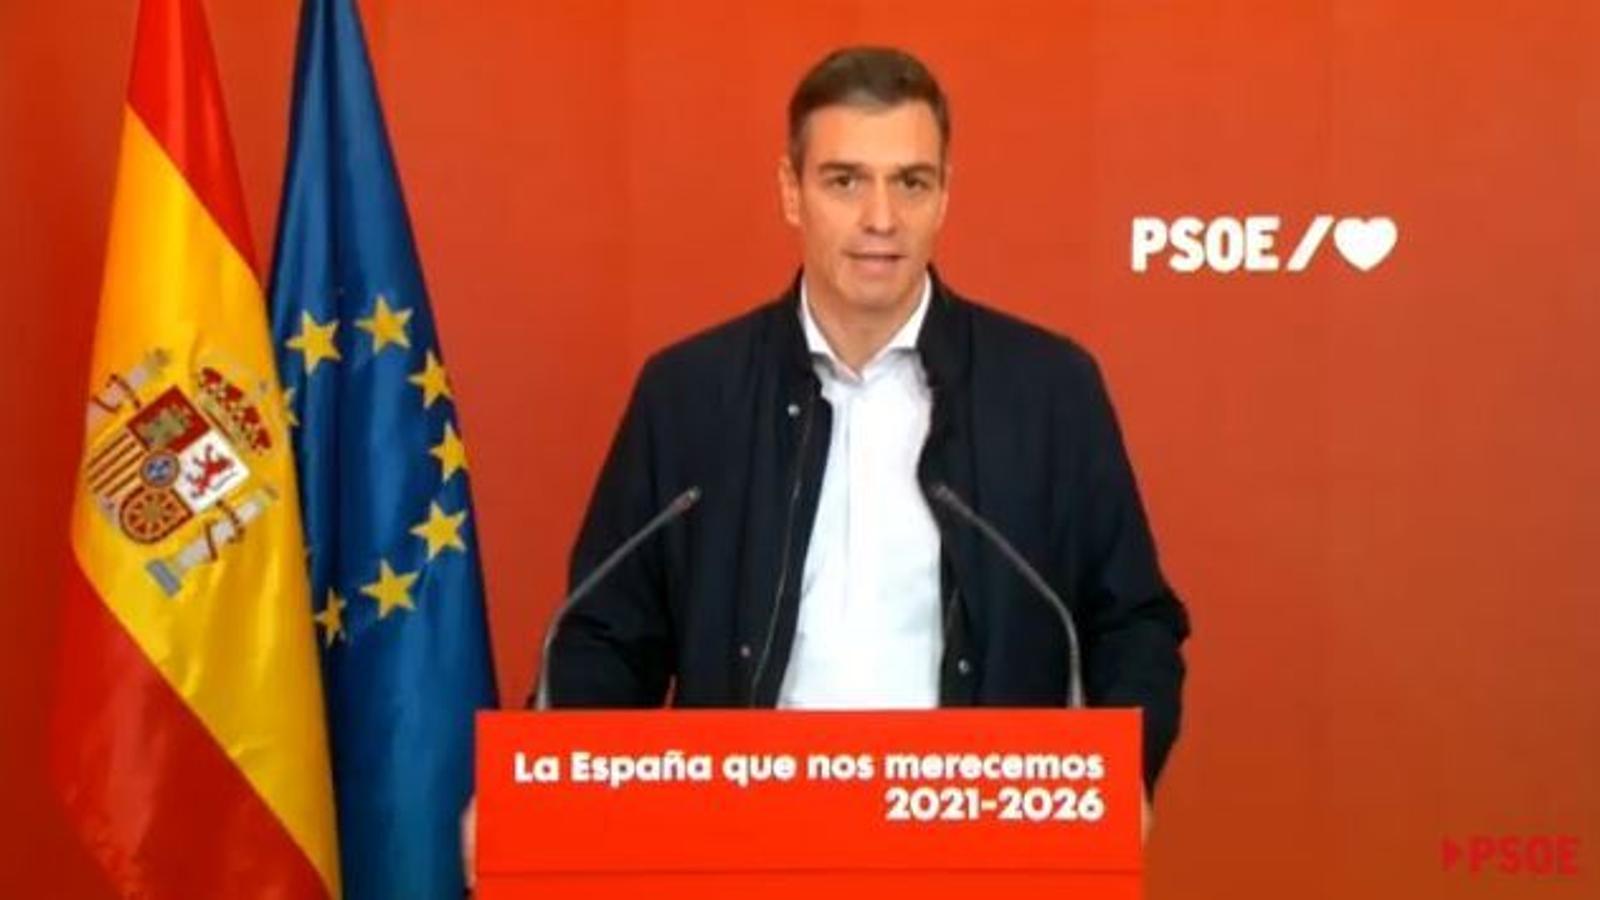 EN DIRECTE | Pedro Sánchez compareix des de Ferraz